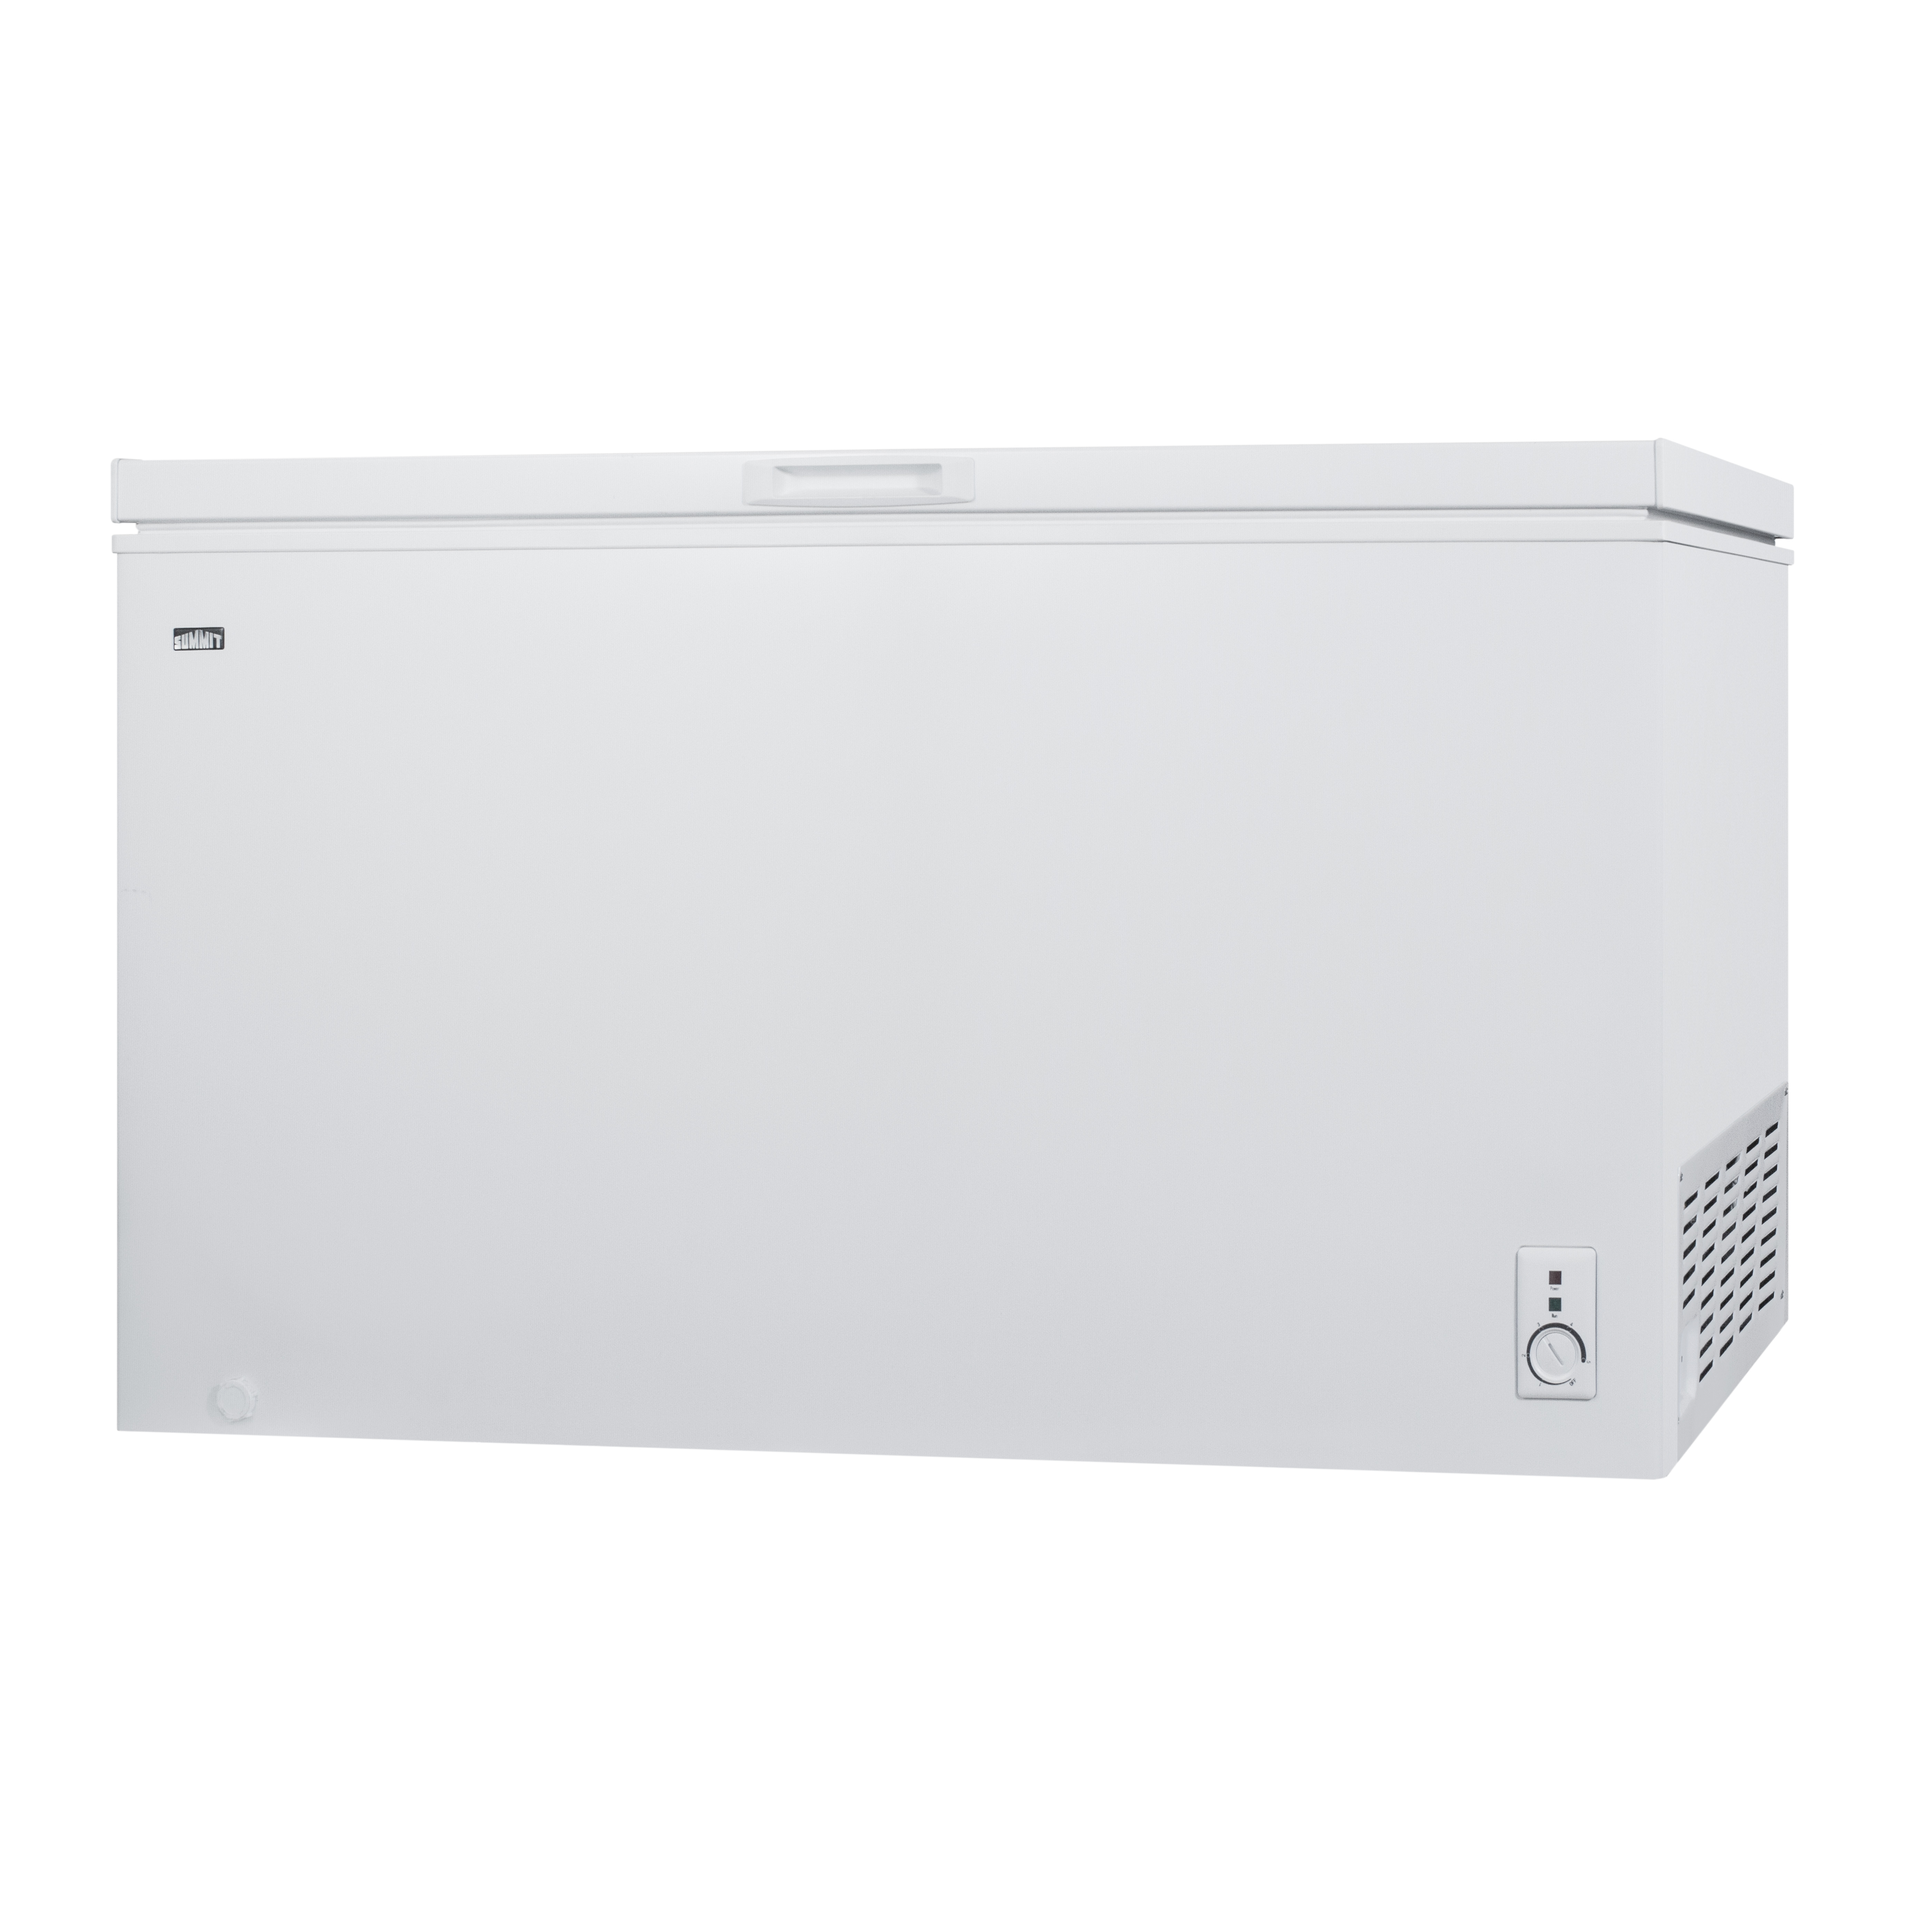 Summit Appliance WCH15W chest freezer